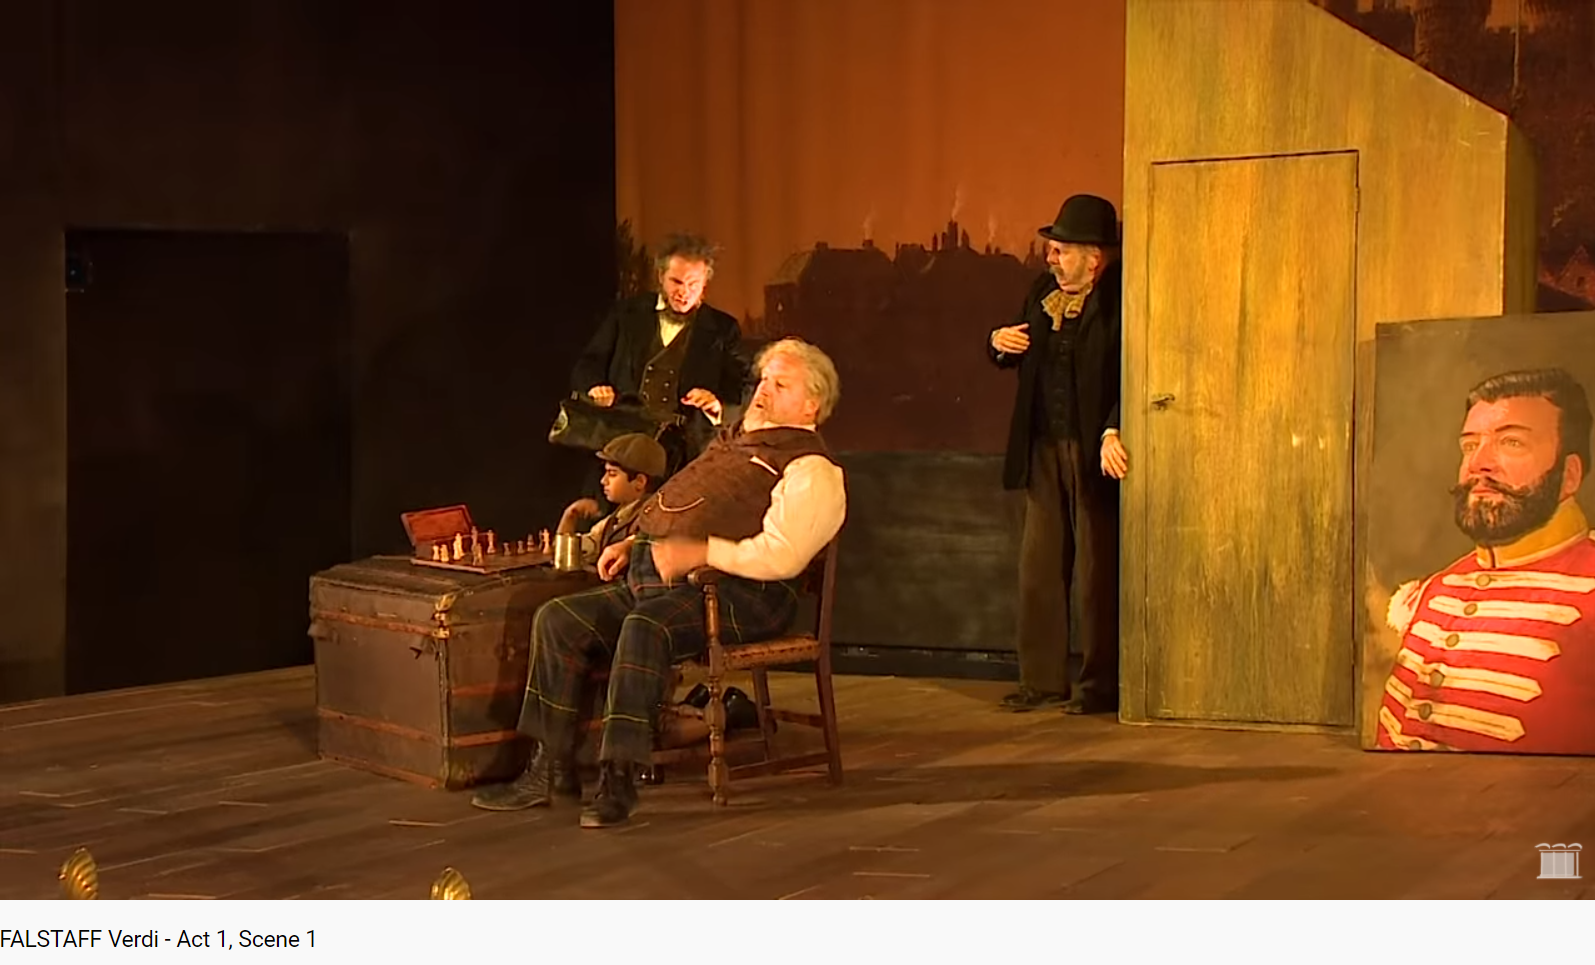 Verdi Falstaff début Act I